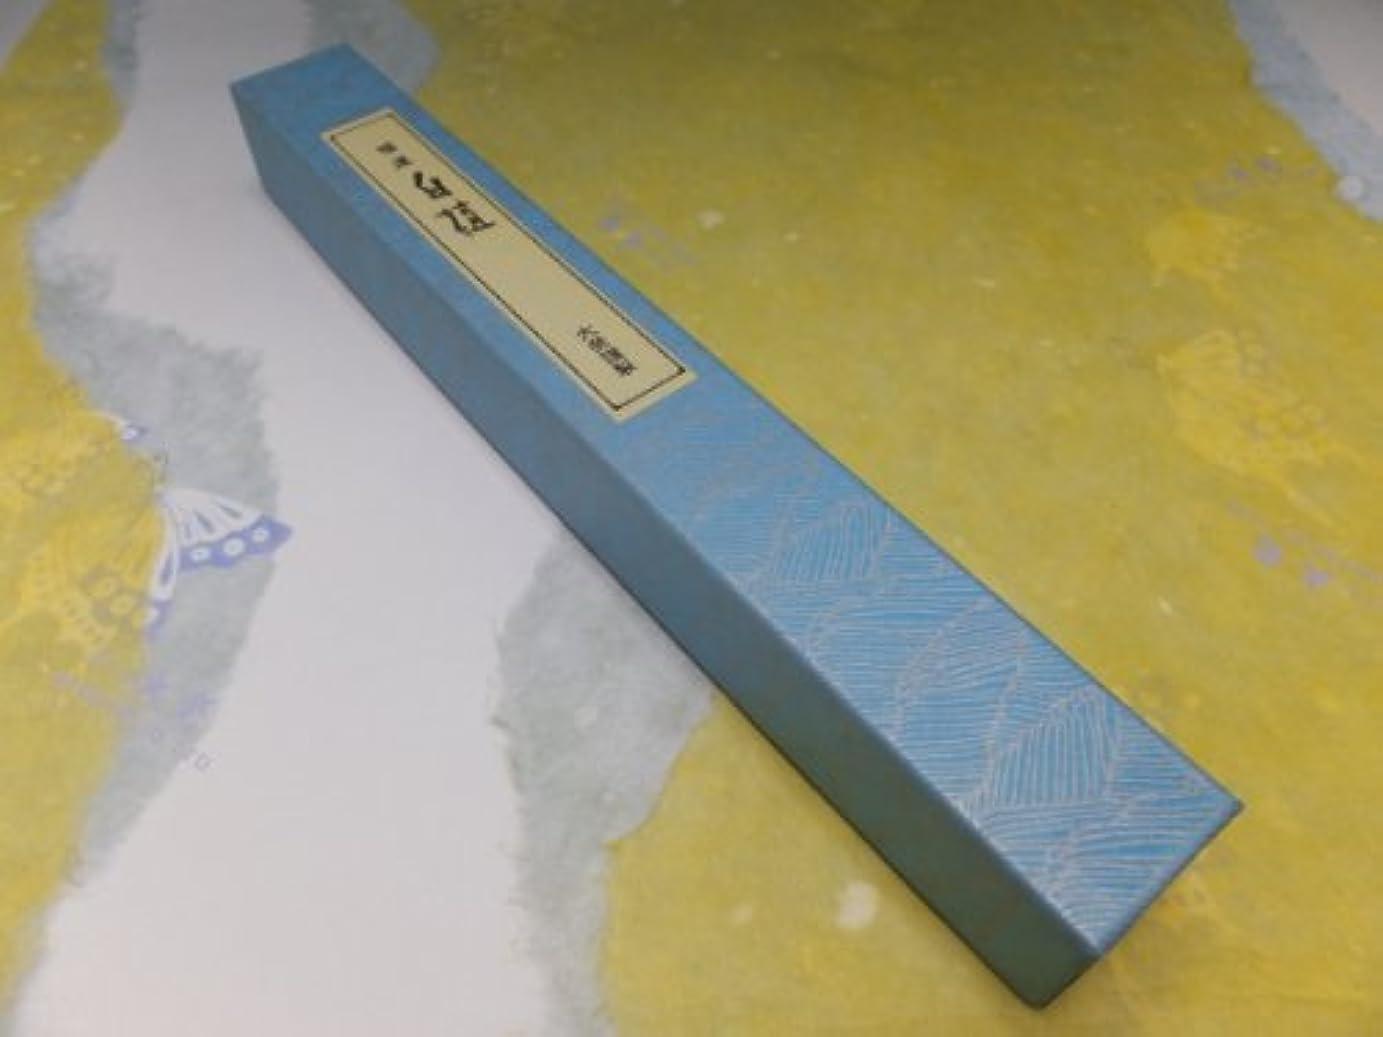 九しゃがむレベル淡路島の「大発」のお線香 福運 白檀 長寸 (日本のお線香の70%を生産する淡路島)